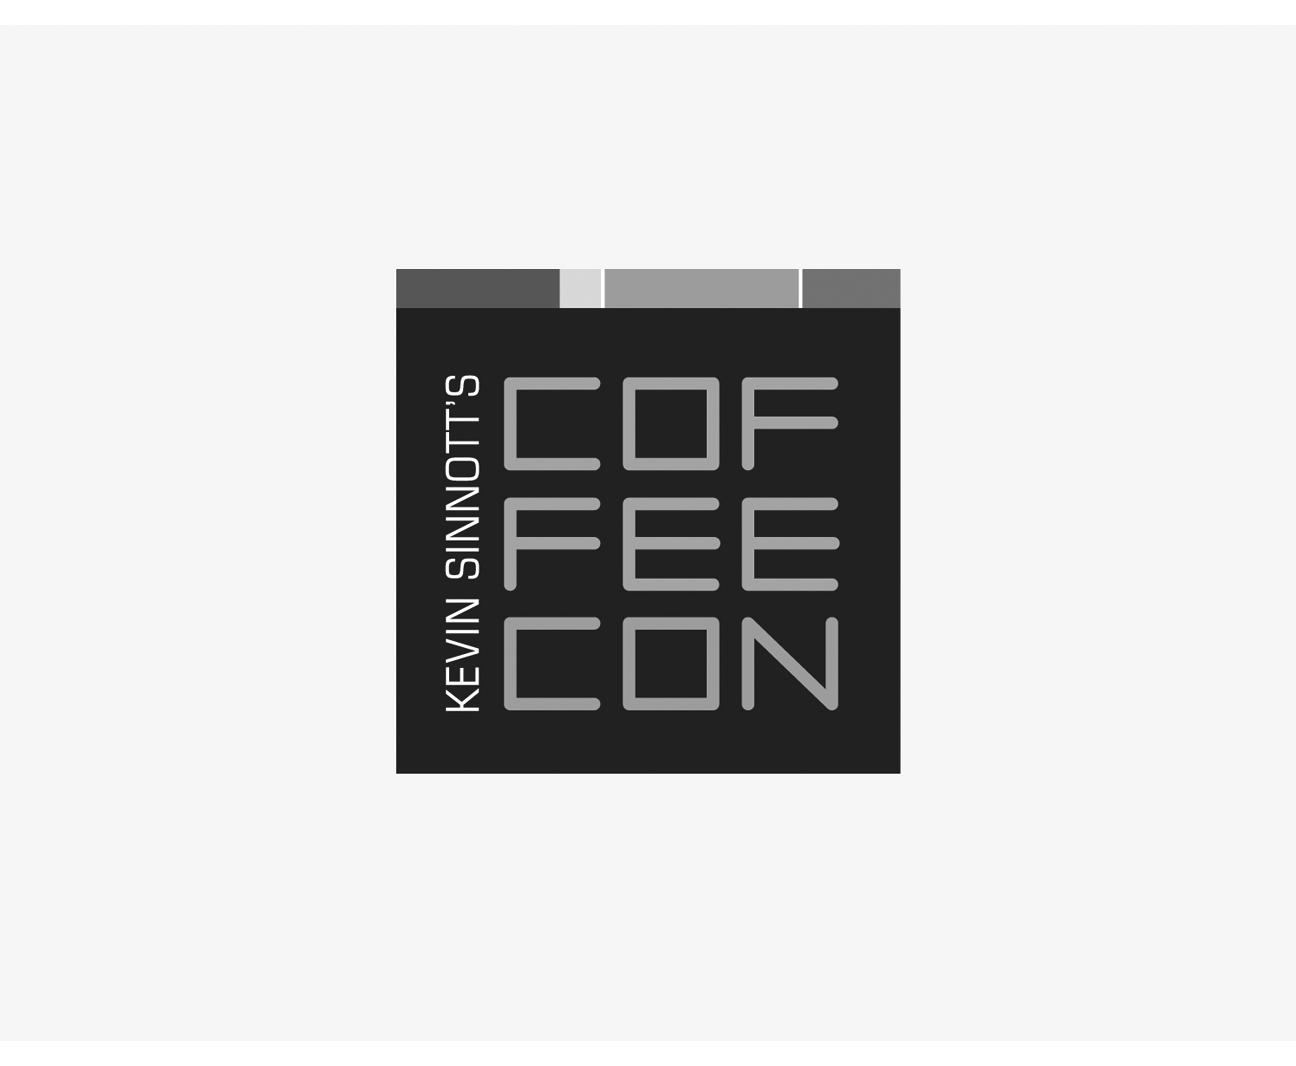 logo_coffeecon_gs.jpg